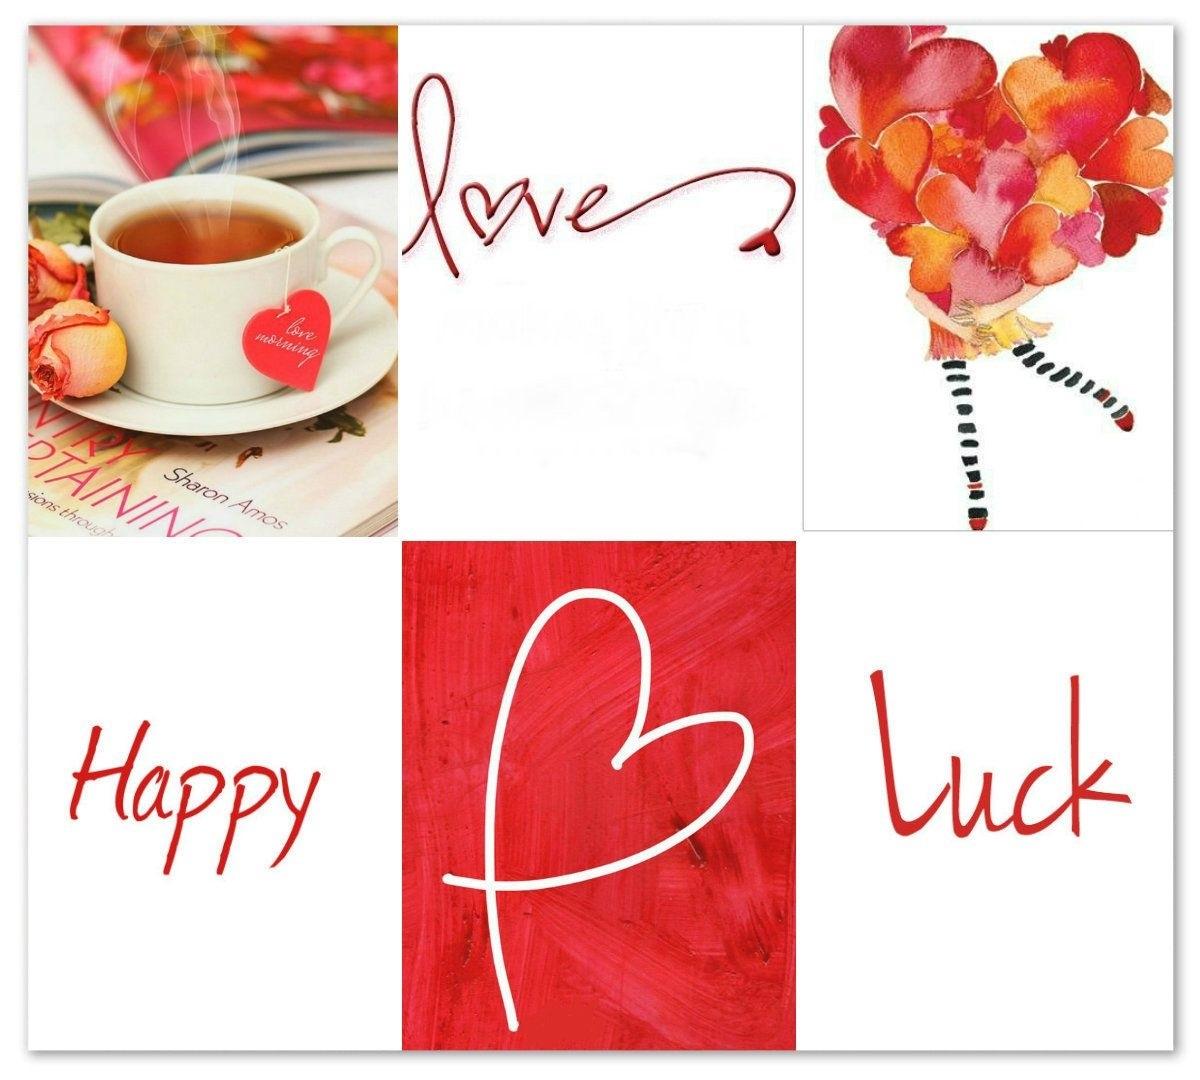 Картинки с любовью и нежностью с добрым утром011